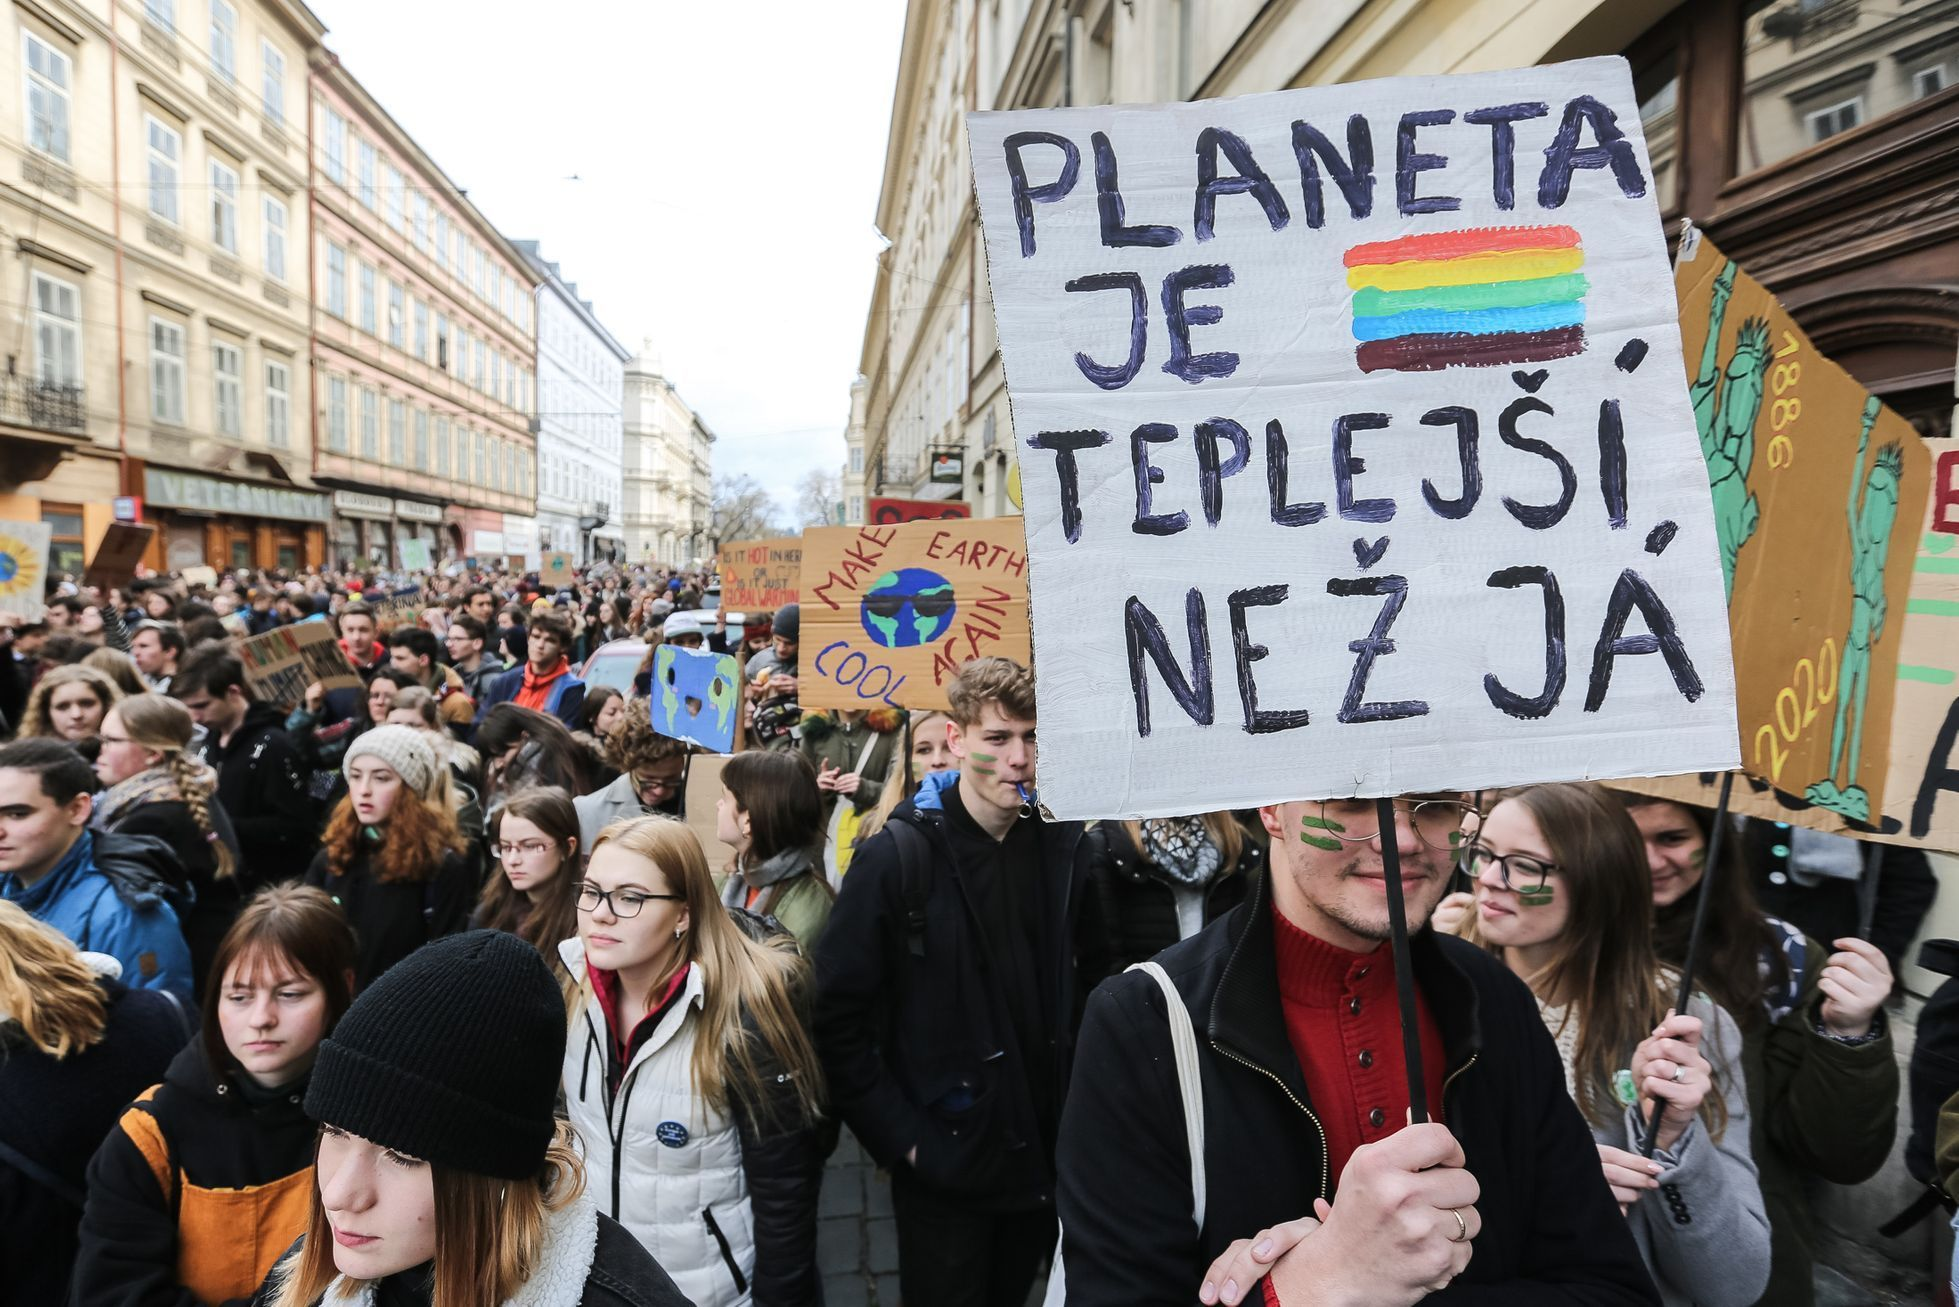 Stávka Za Klima Twitter: Foto: Jsem Tu, Protože Neumím Plavat. Studenti Stávkovali